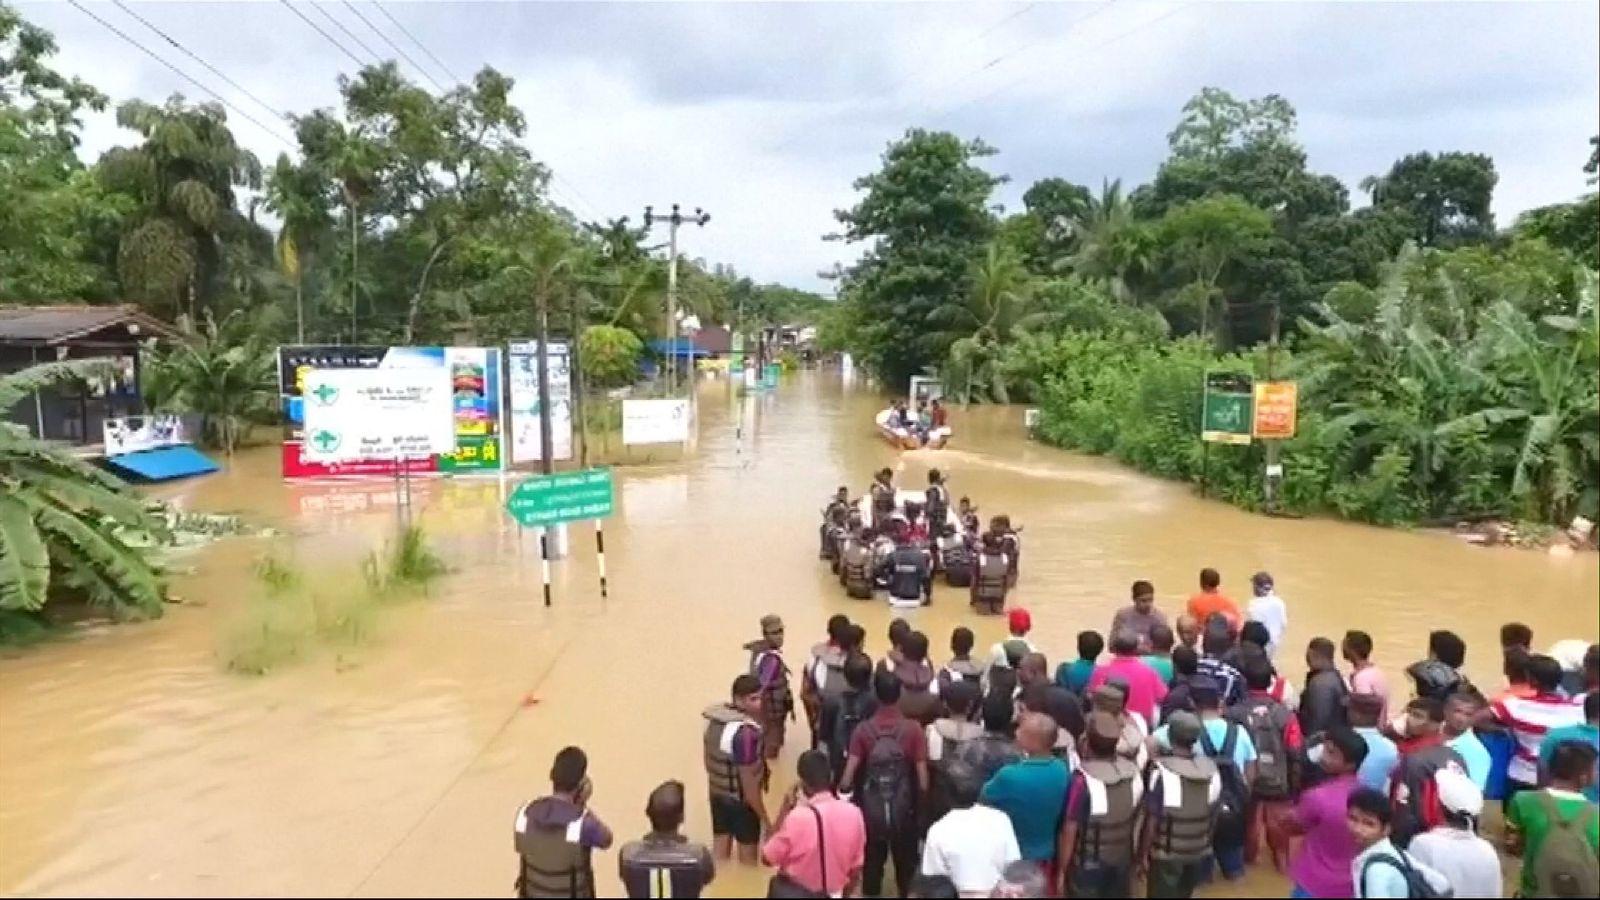 Sri Lanka floods have left half a million people displaced